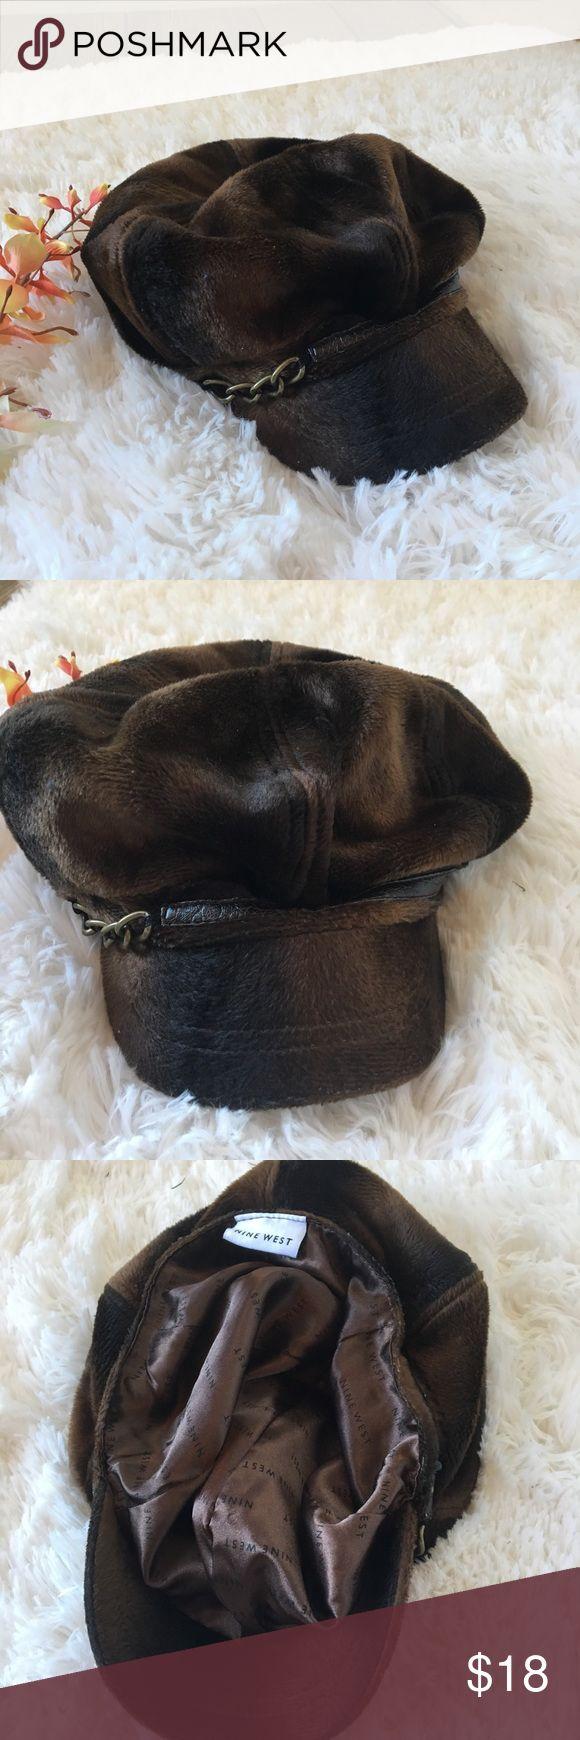 Nine West Faux Fur Paperboy Hat Cap Satin Lined Nine West Faux Fur Paperboy Hat Cap Satin lined Like new Nine West Accessories Hats